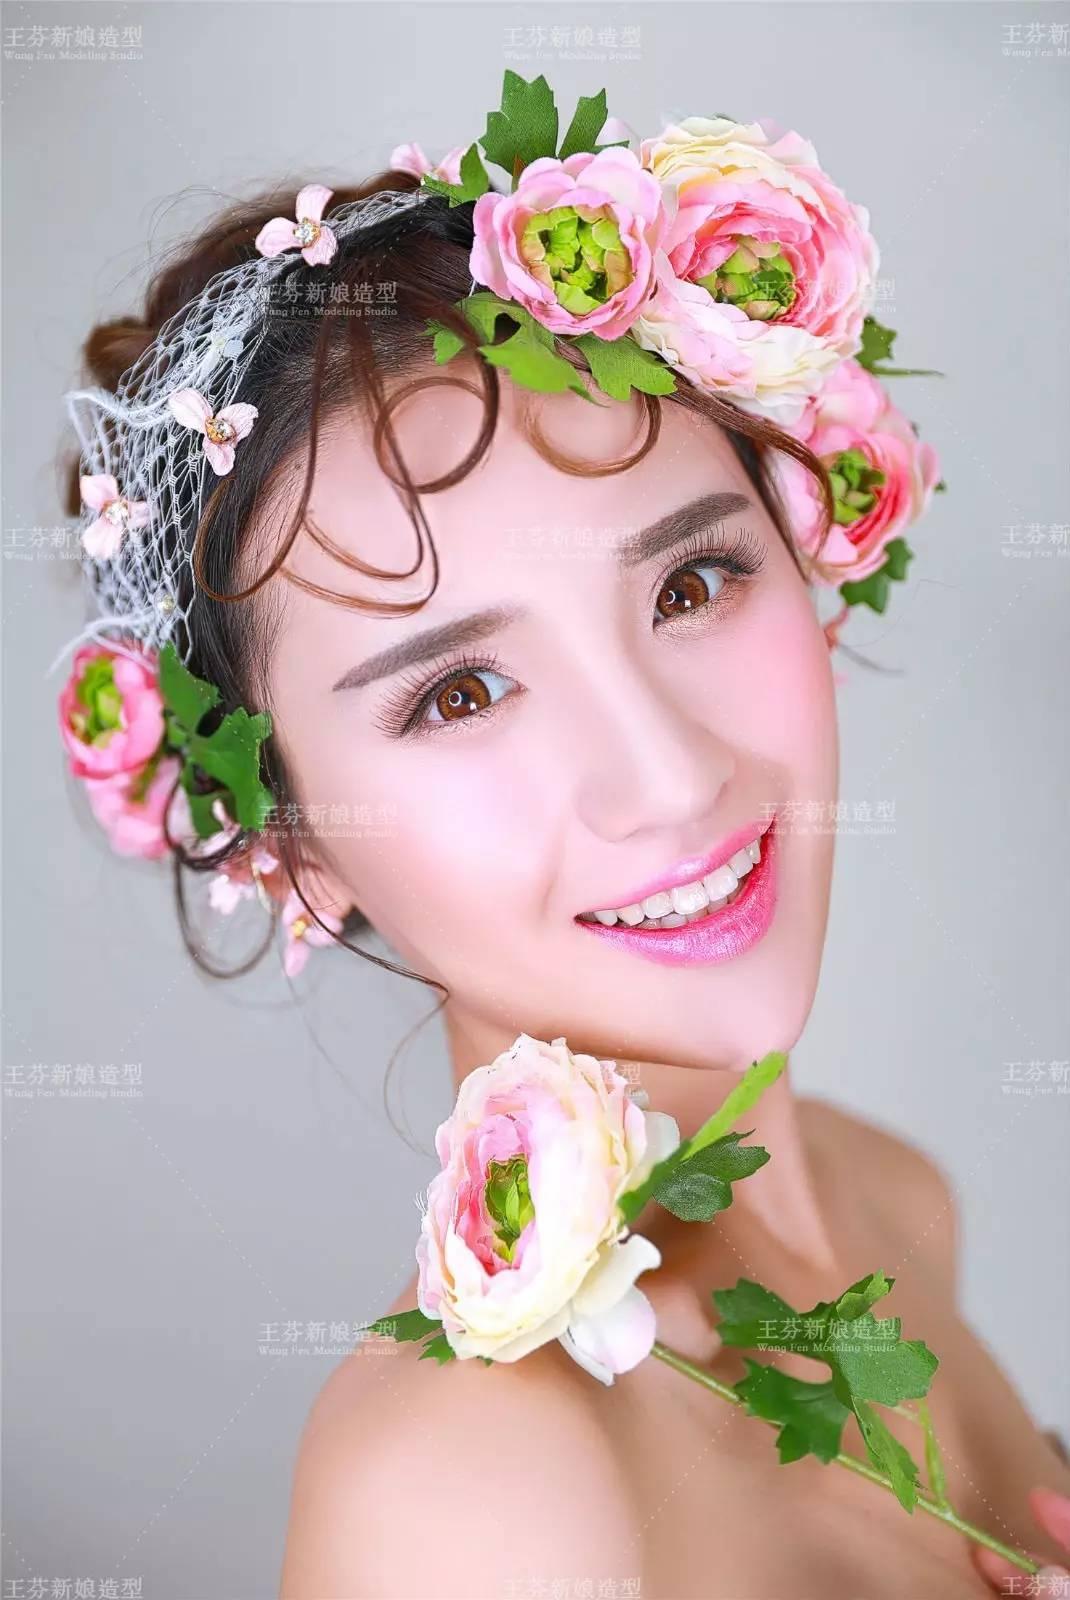 韩式新娘发型鲜花系列 花团锦簇清新雅致图片